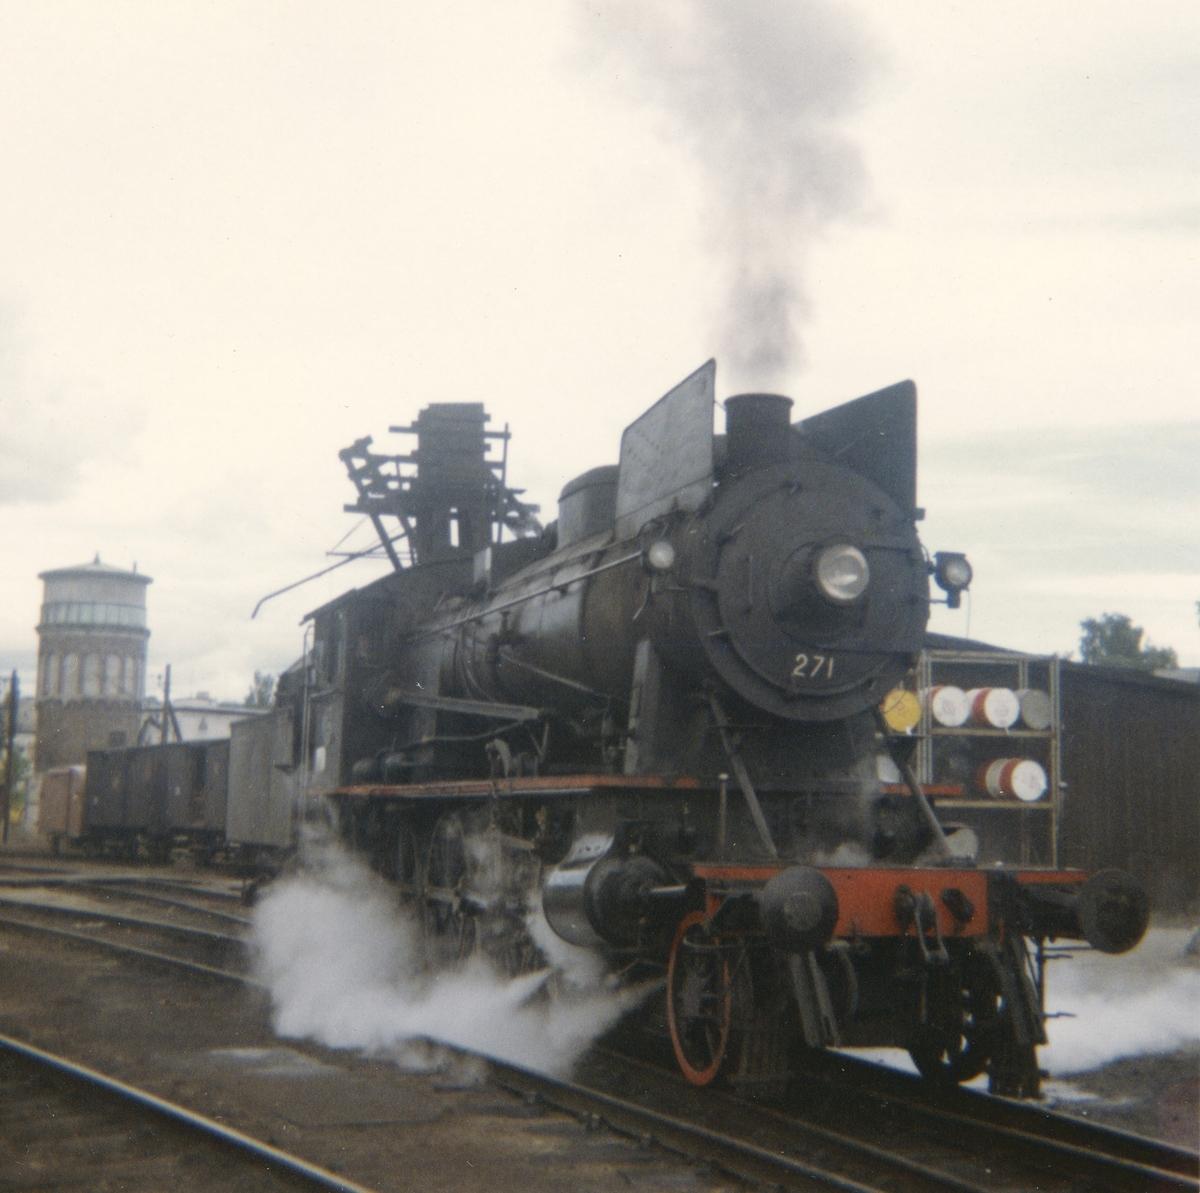 Damplokomotiv type 30a 271 ved lokomotivstallen på Hamar.